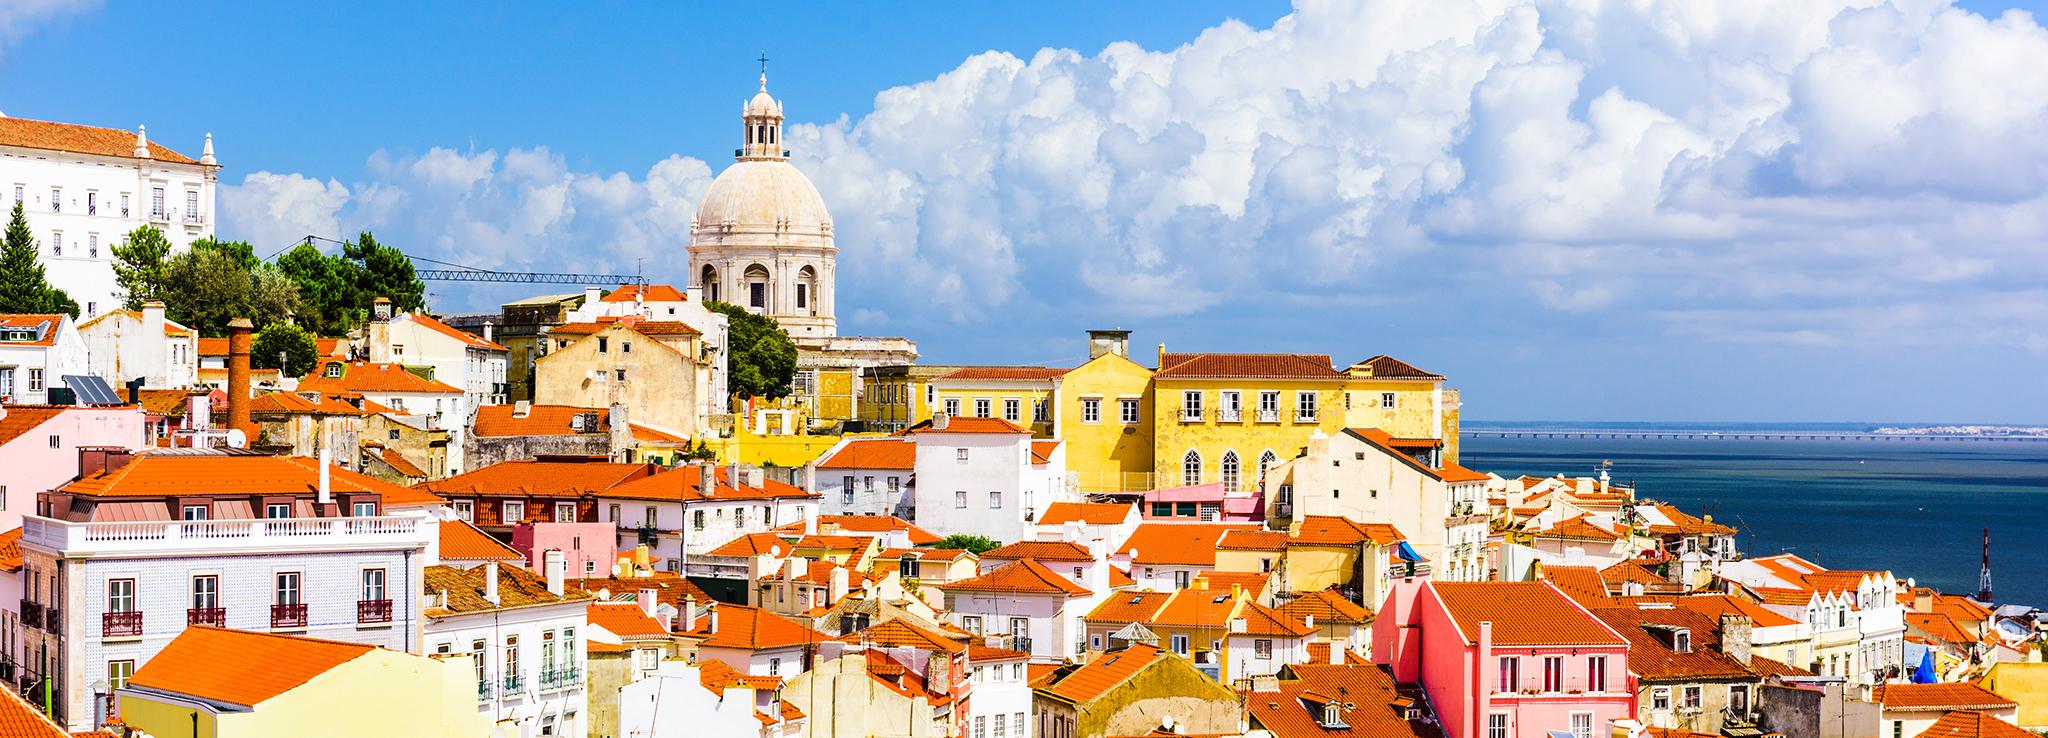 Stanglmeier Lissabon Reise Blogbeitrag-44